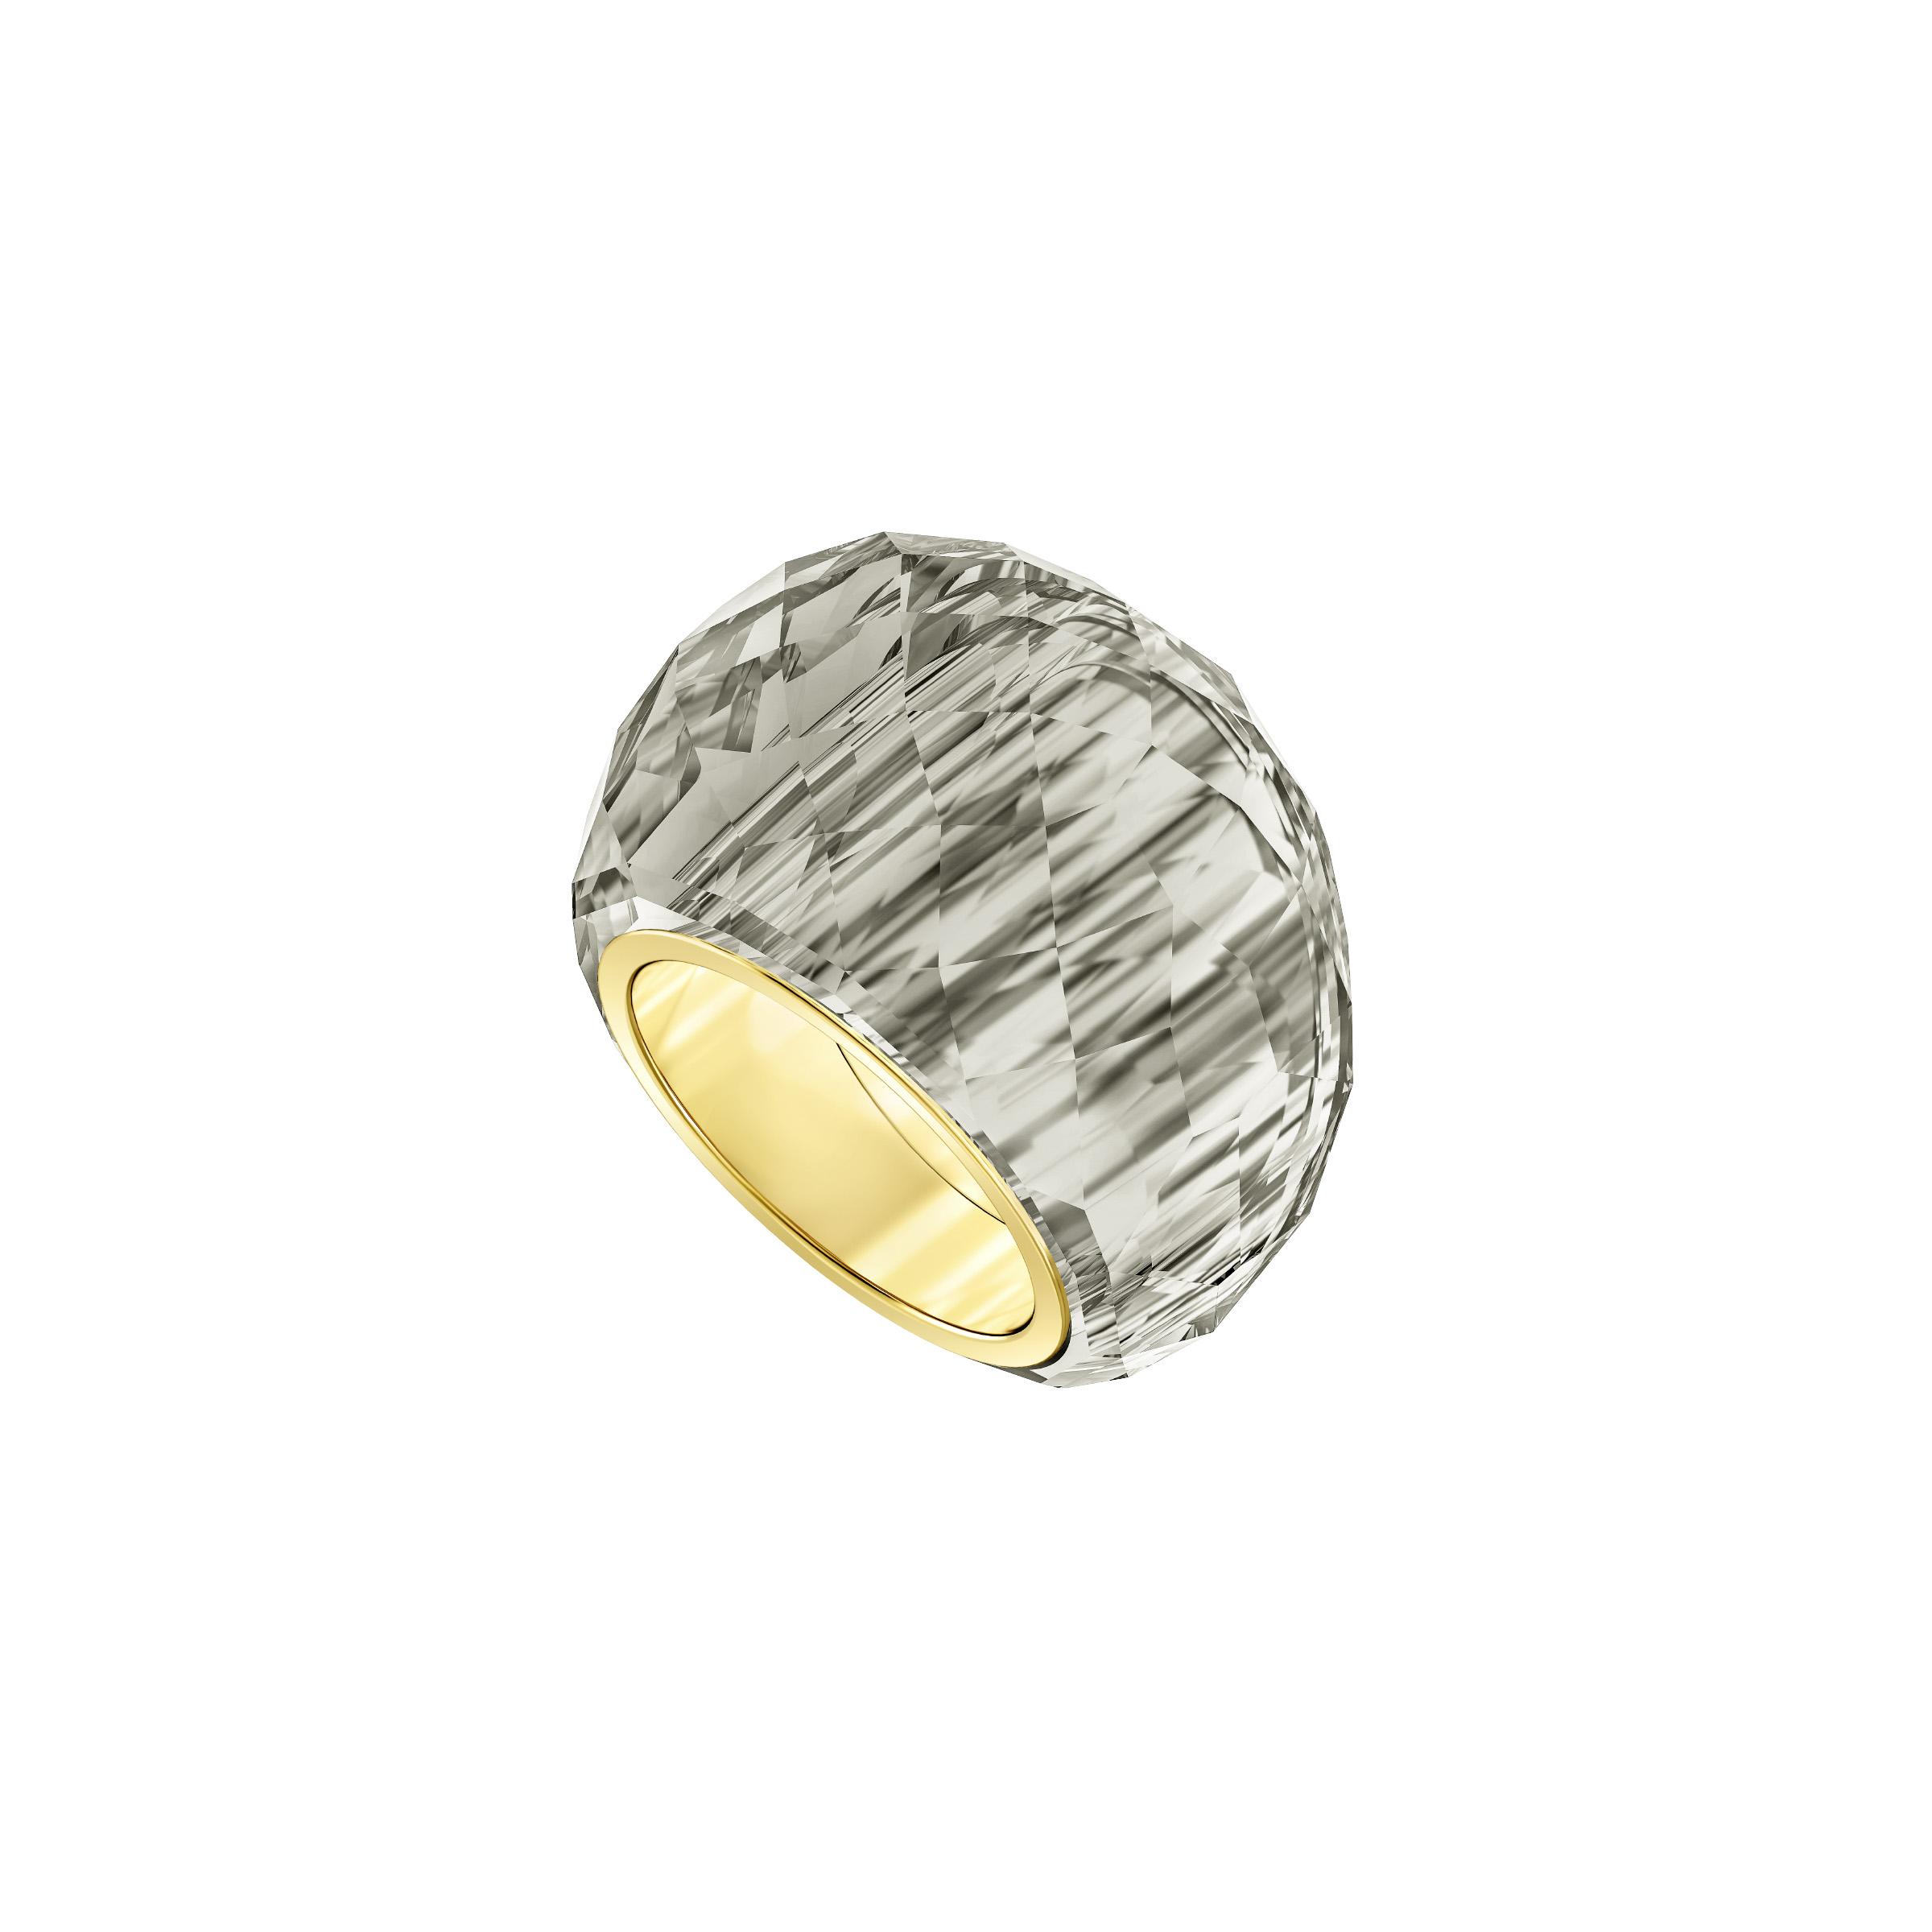 Bague Swarovski Nirvana, gris, PVD doré, Swarovski